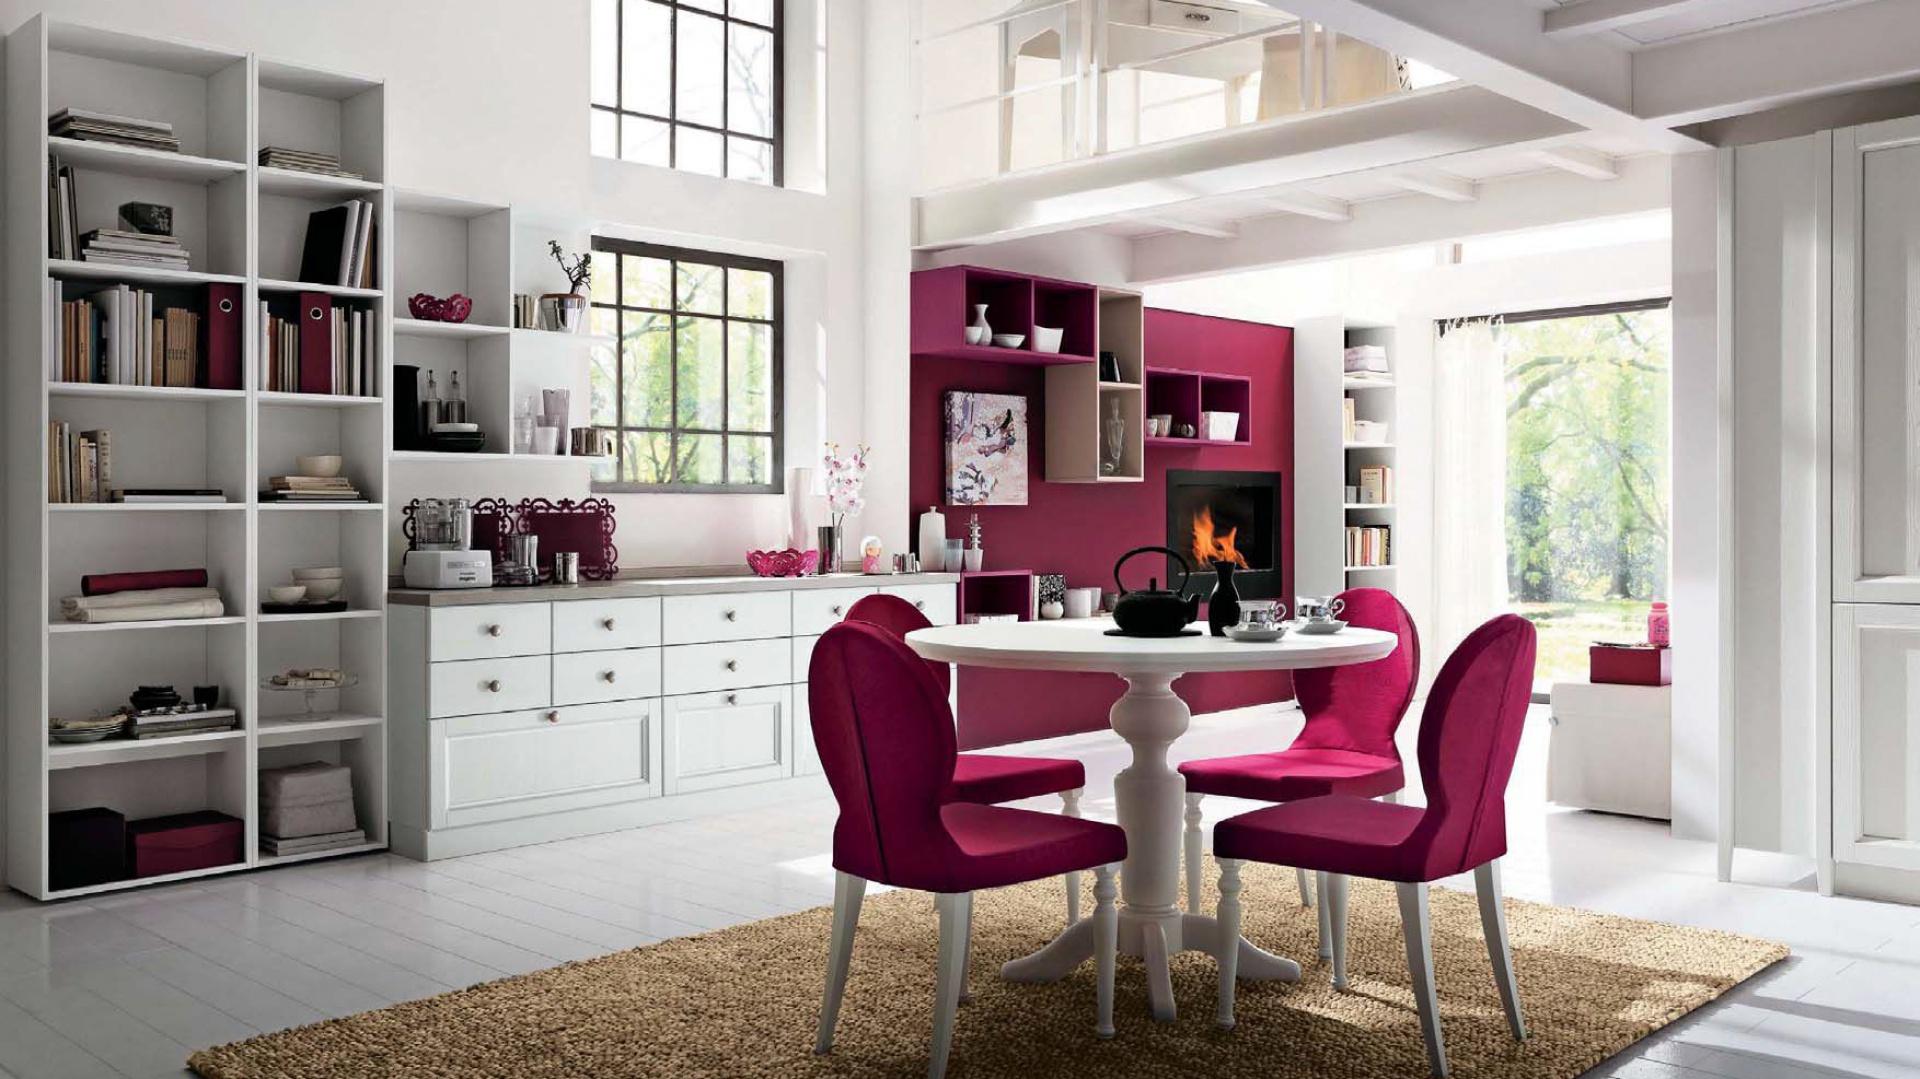 Krzesła w strefie jadalnianej są w tym samym kolorze co ściana w  wypoczynkowej części salonu. Seria Neve e Ciclamino marki Callesella. Fot. Callesella.